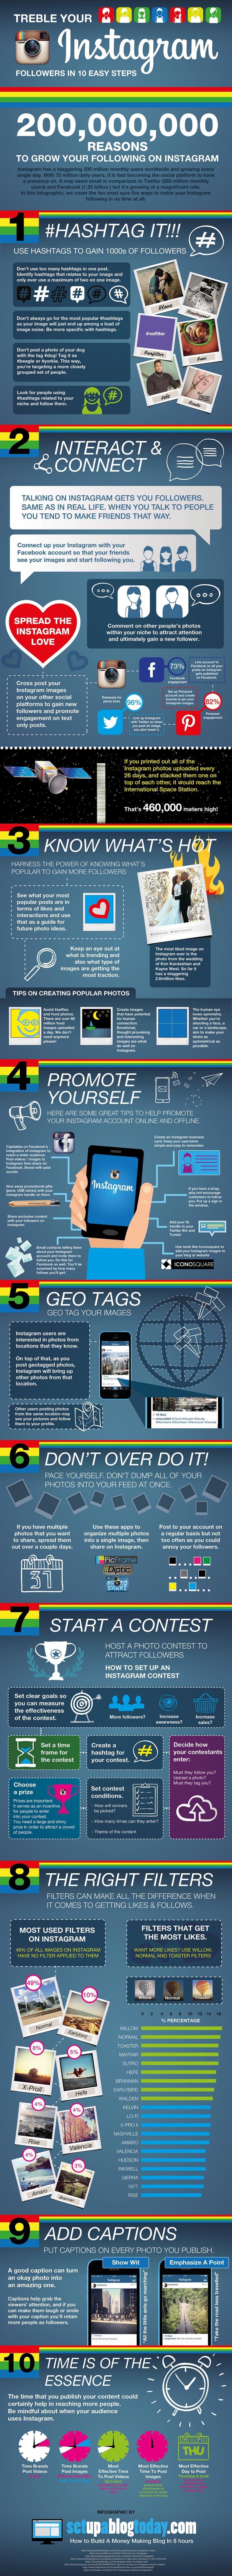 10 útiles recomendaciones para lograr el éxito en Instagram (infografía)